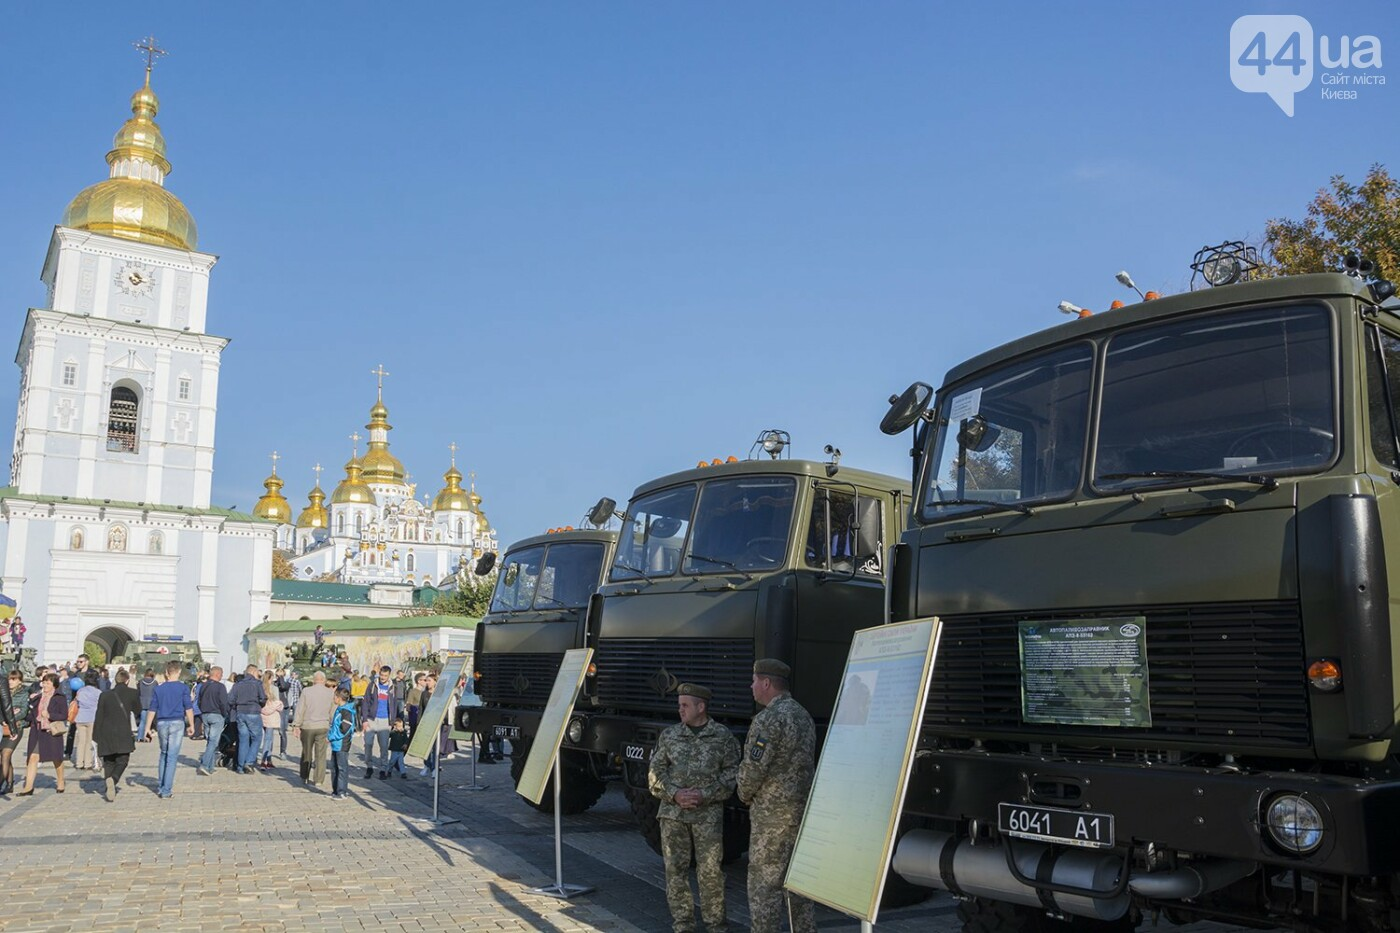 В Киеве открылась масштабная выставка военной техники – ФОТОРЕПОРТАЖ, фото-3